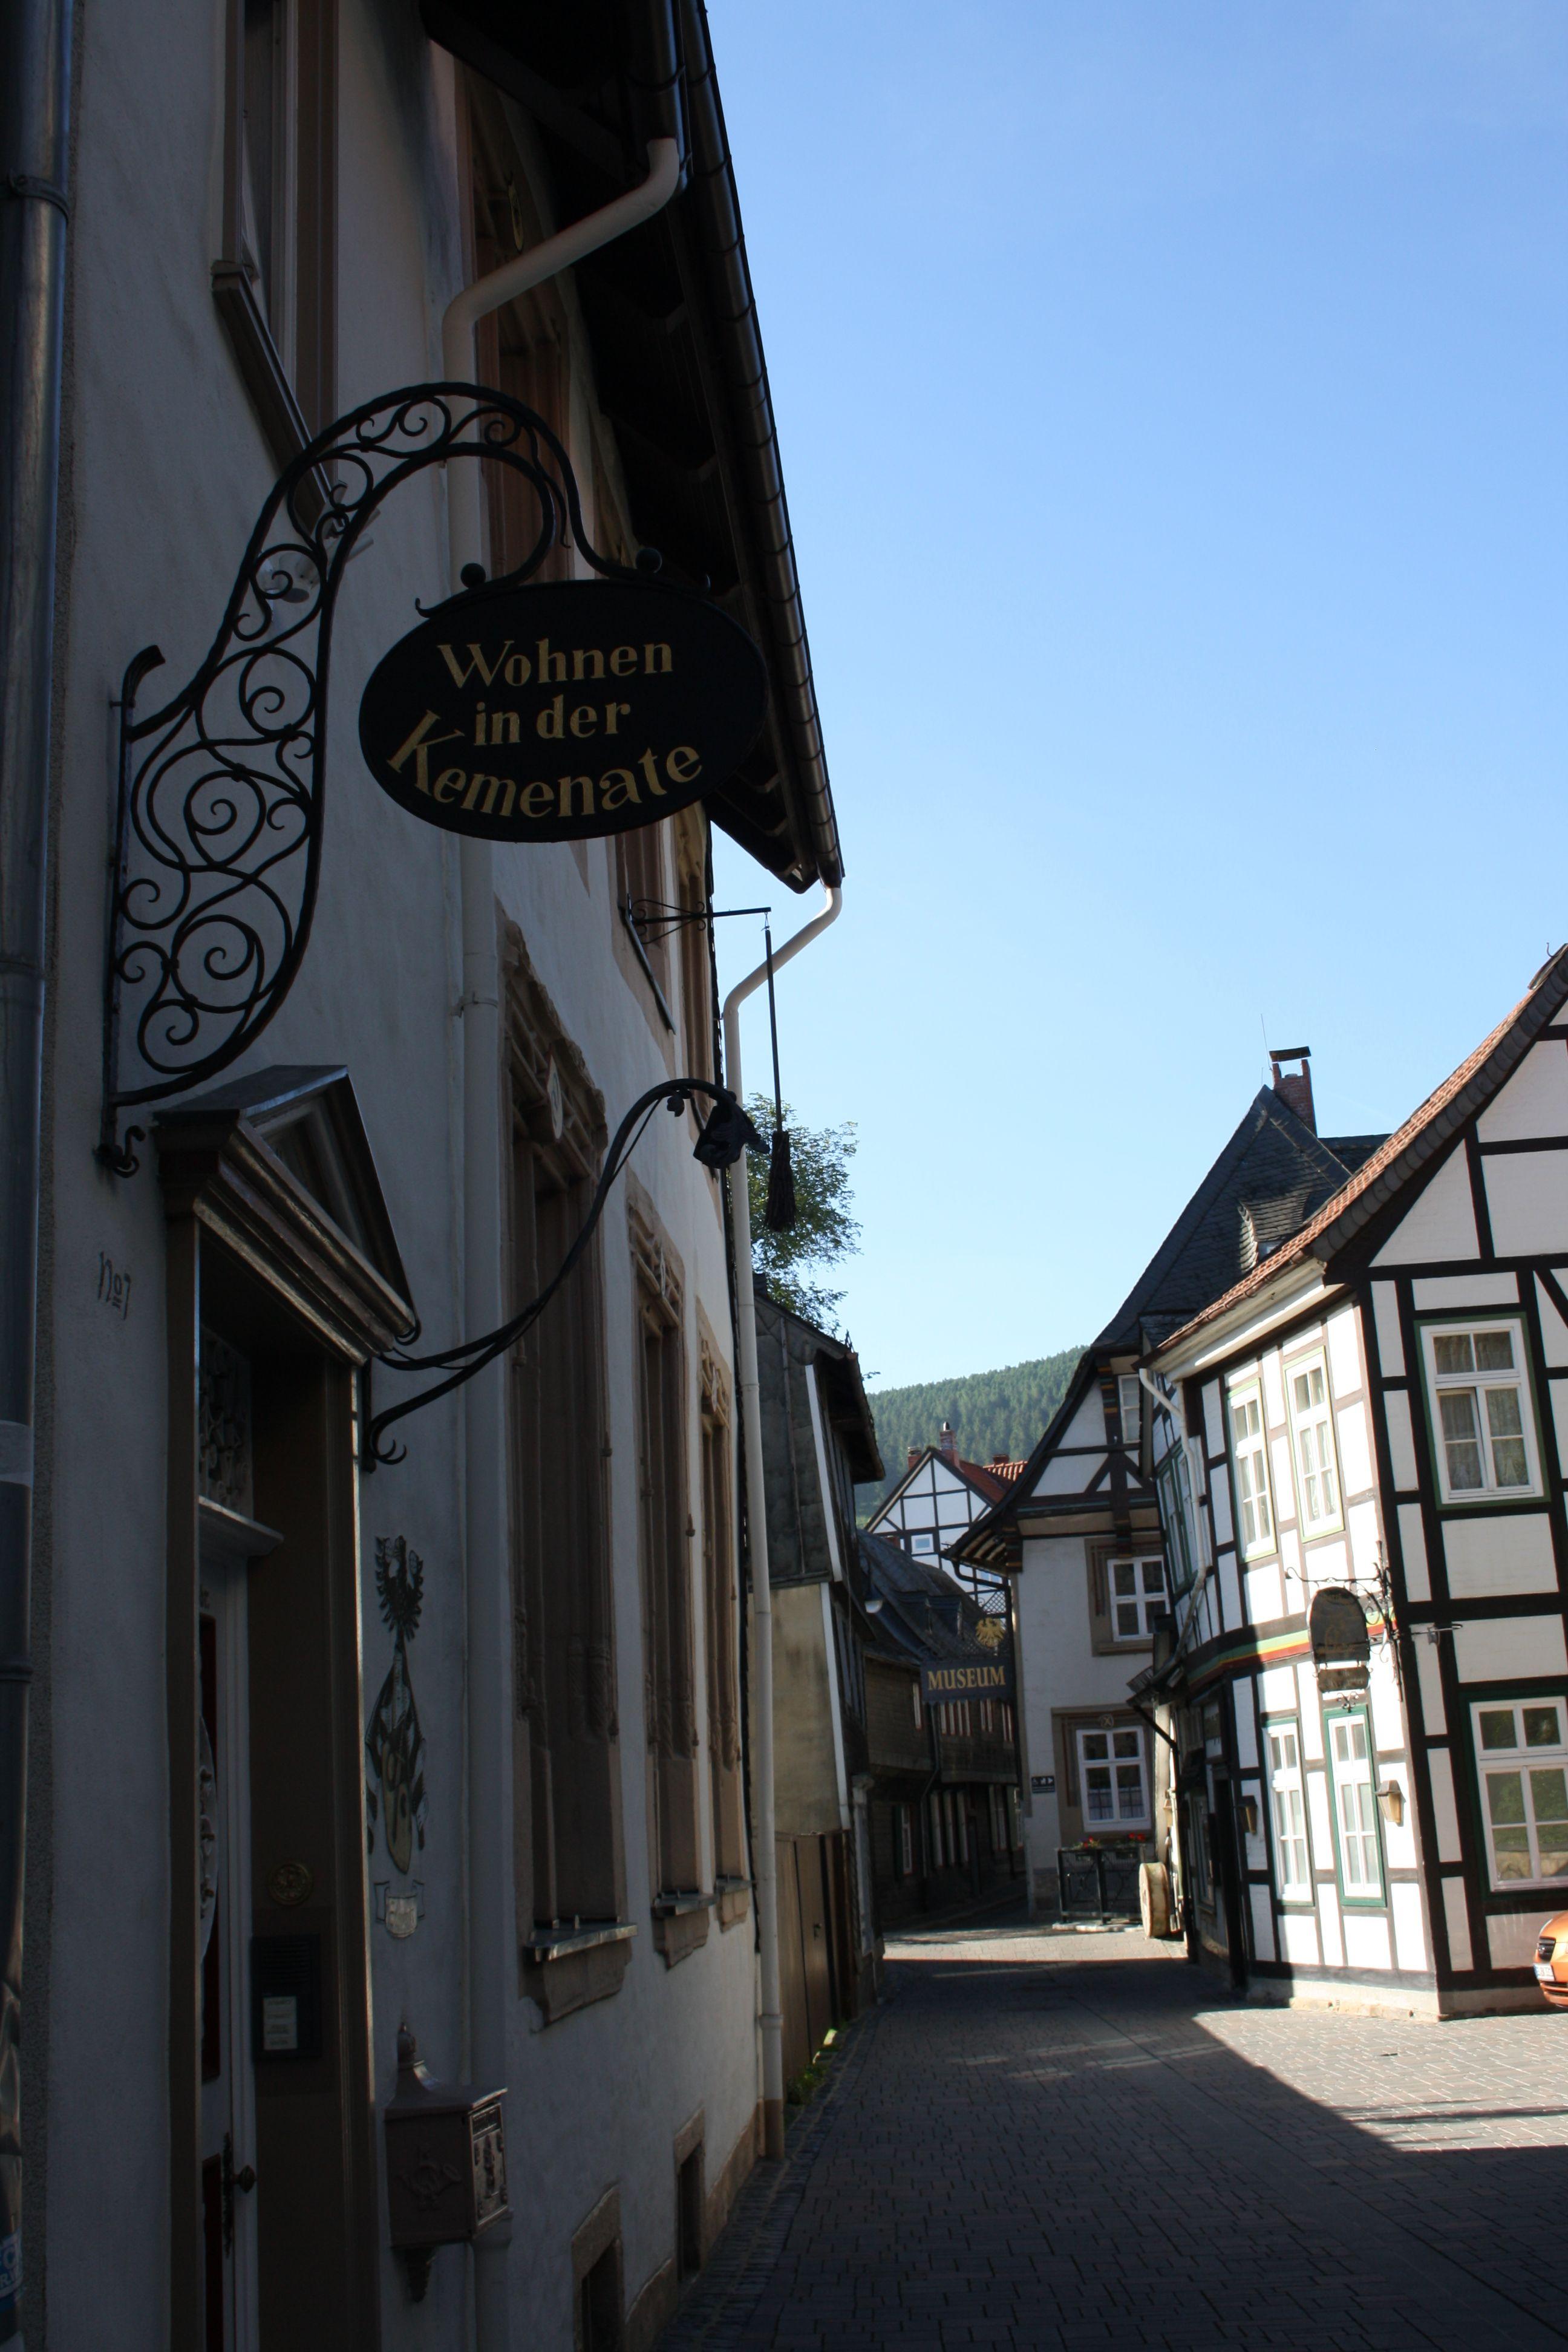 In der Worthstraße in Goslar  Reiseziele, Mittelalterliche stadt Ideen